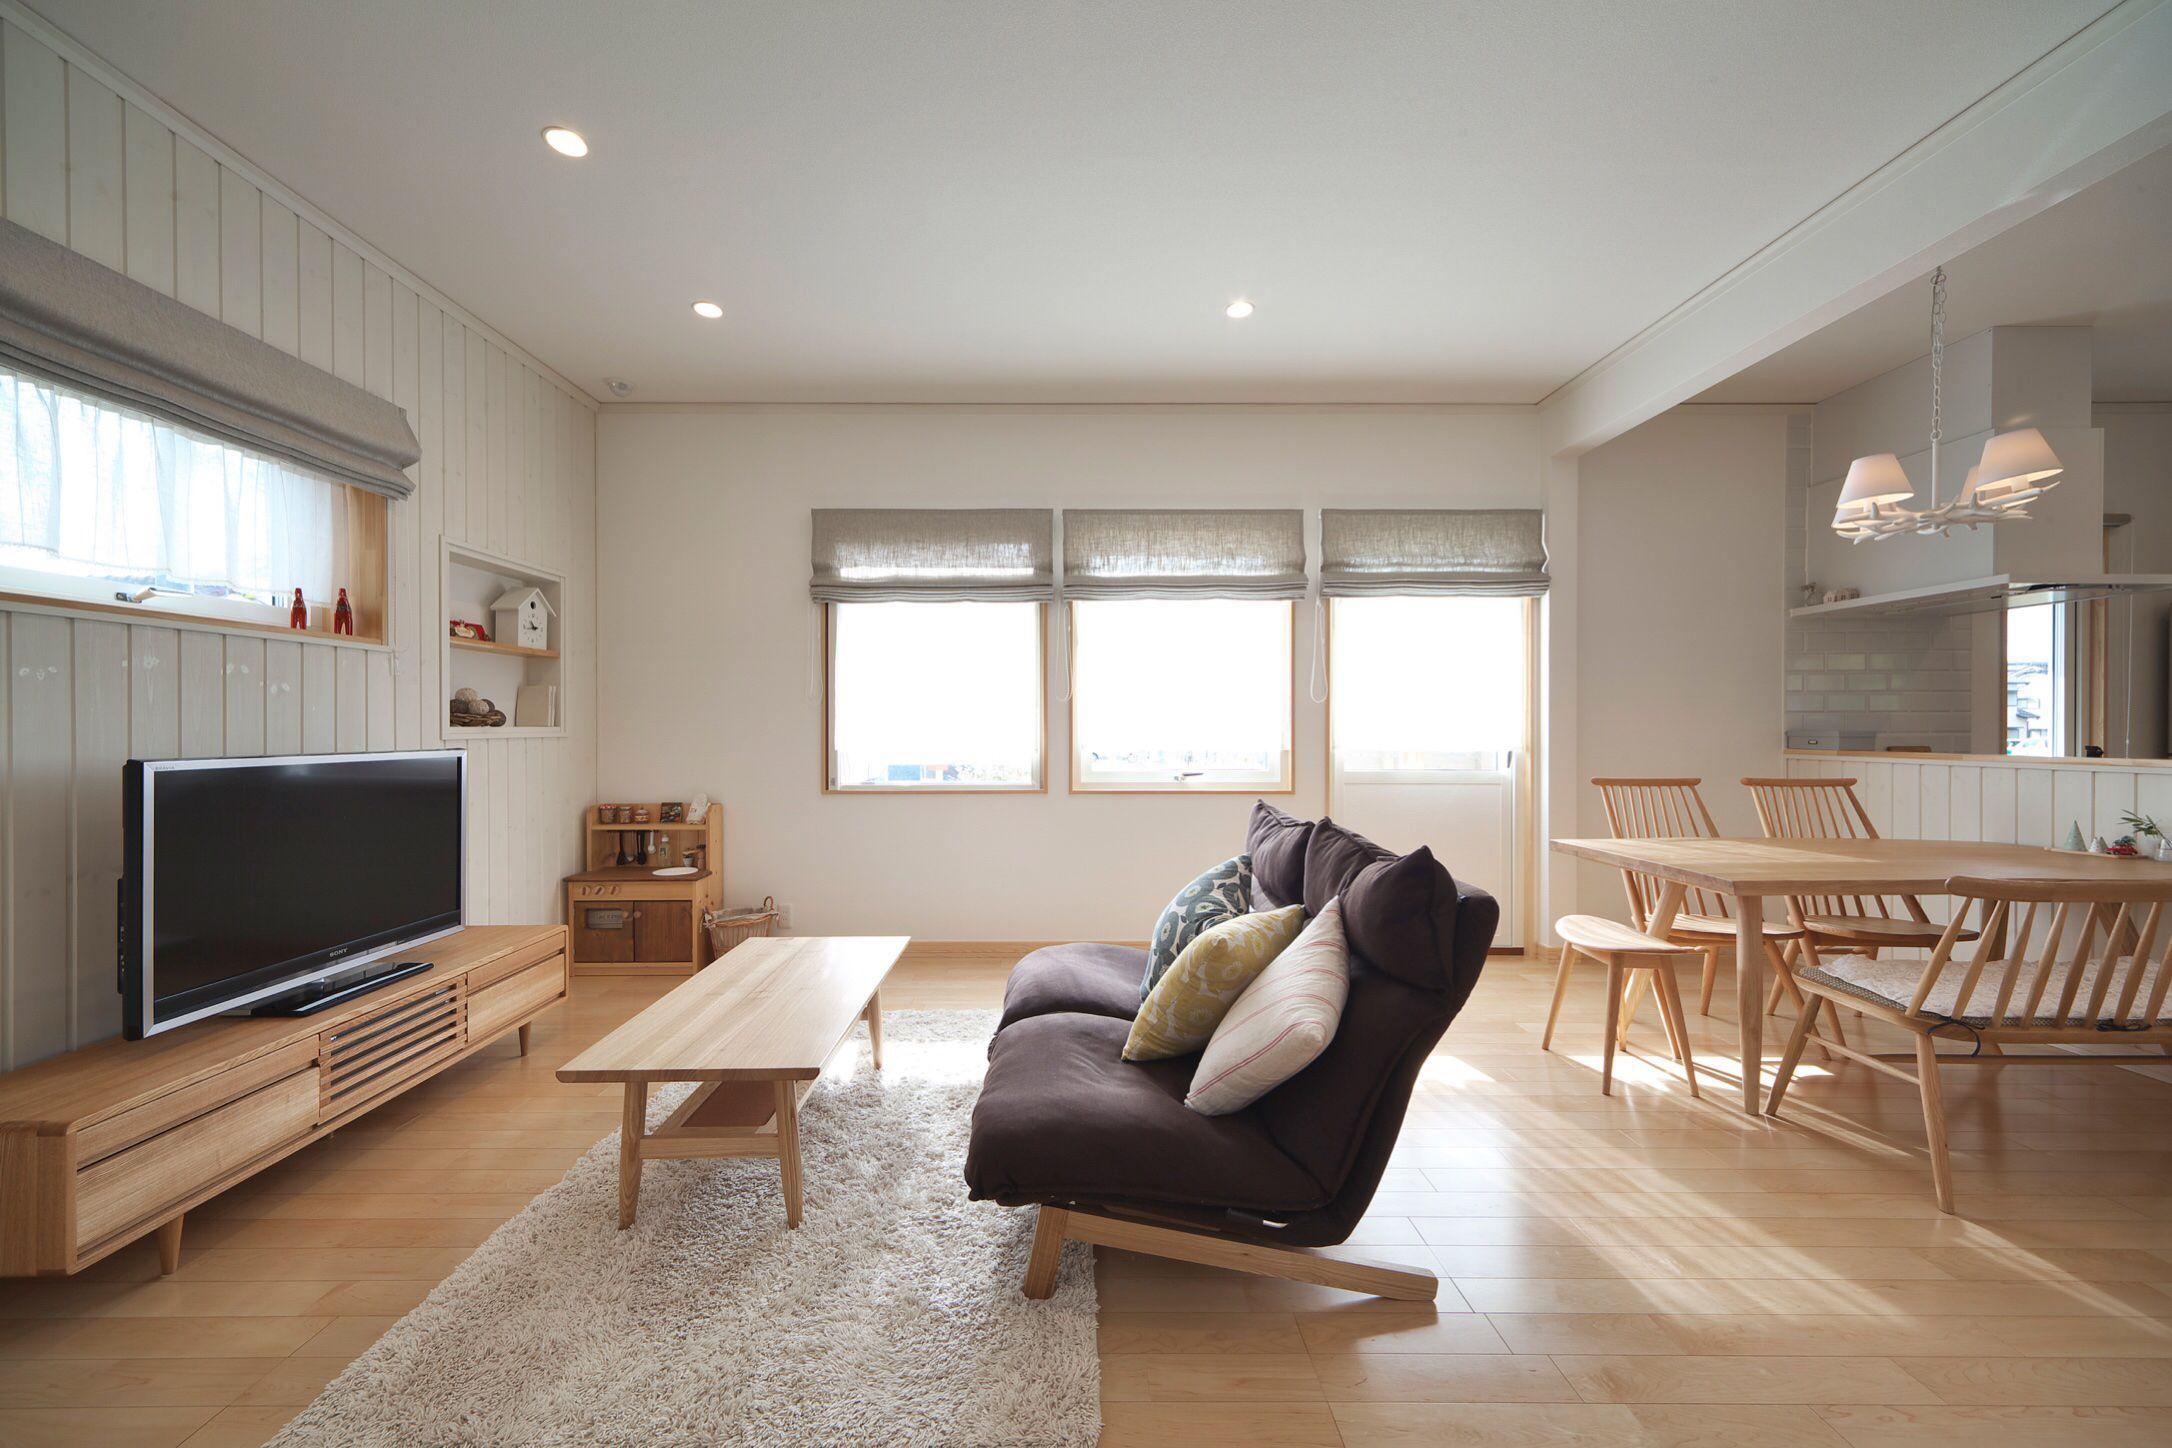 いえれぽ No 11843 By あめり Apartment Interior Small Apartment Design House Interior